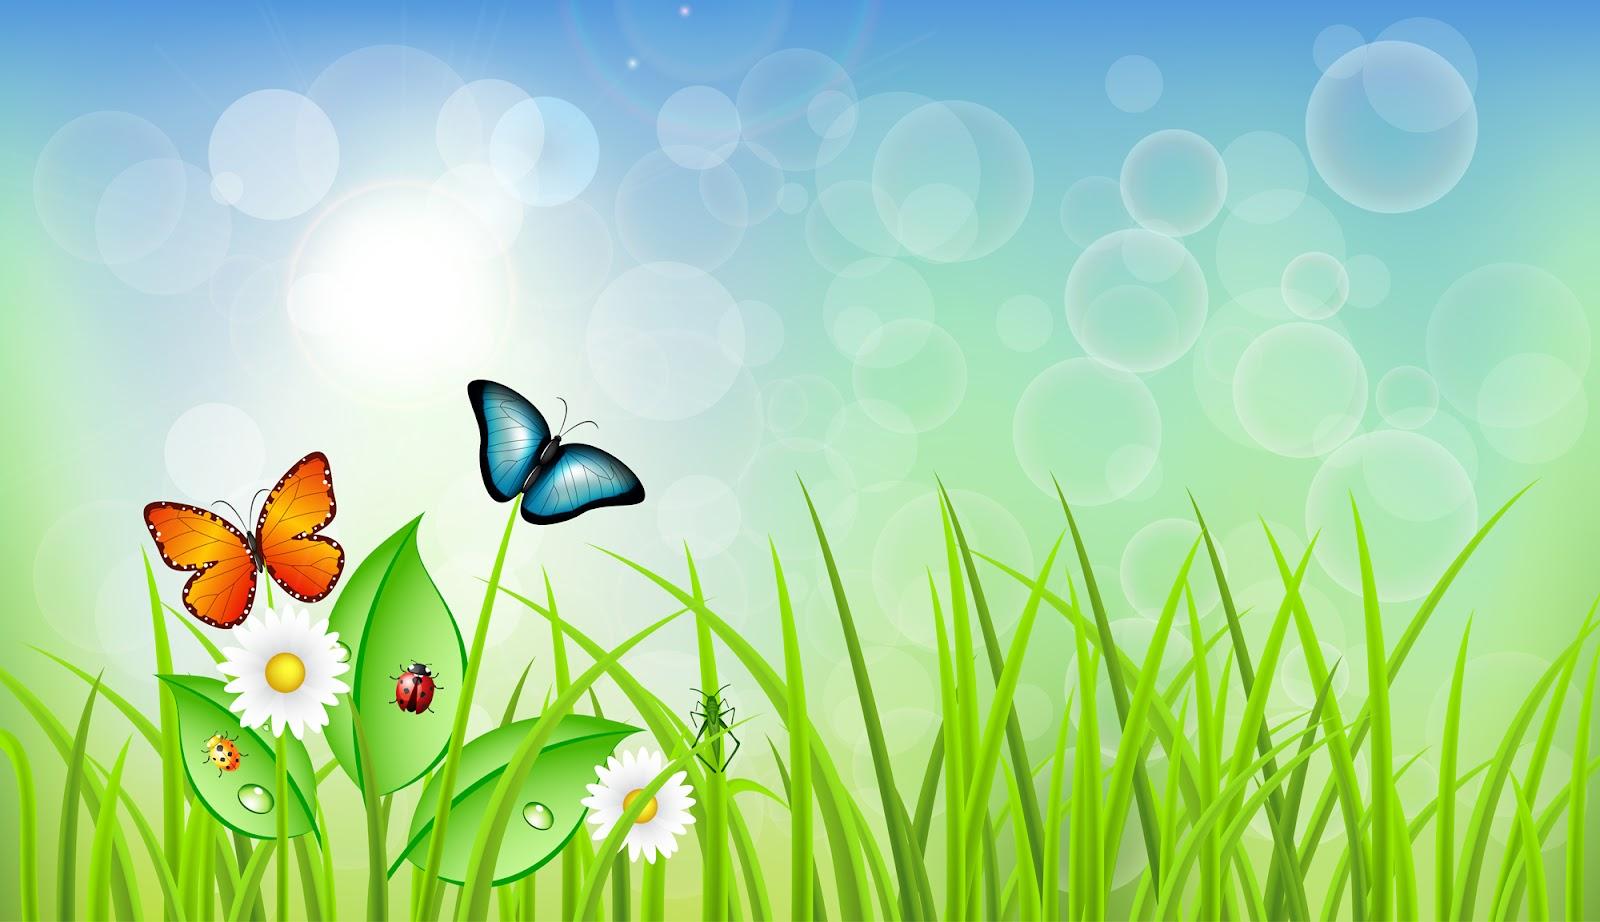 Spring Grass with Butterflies